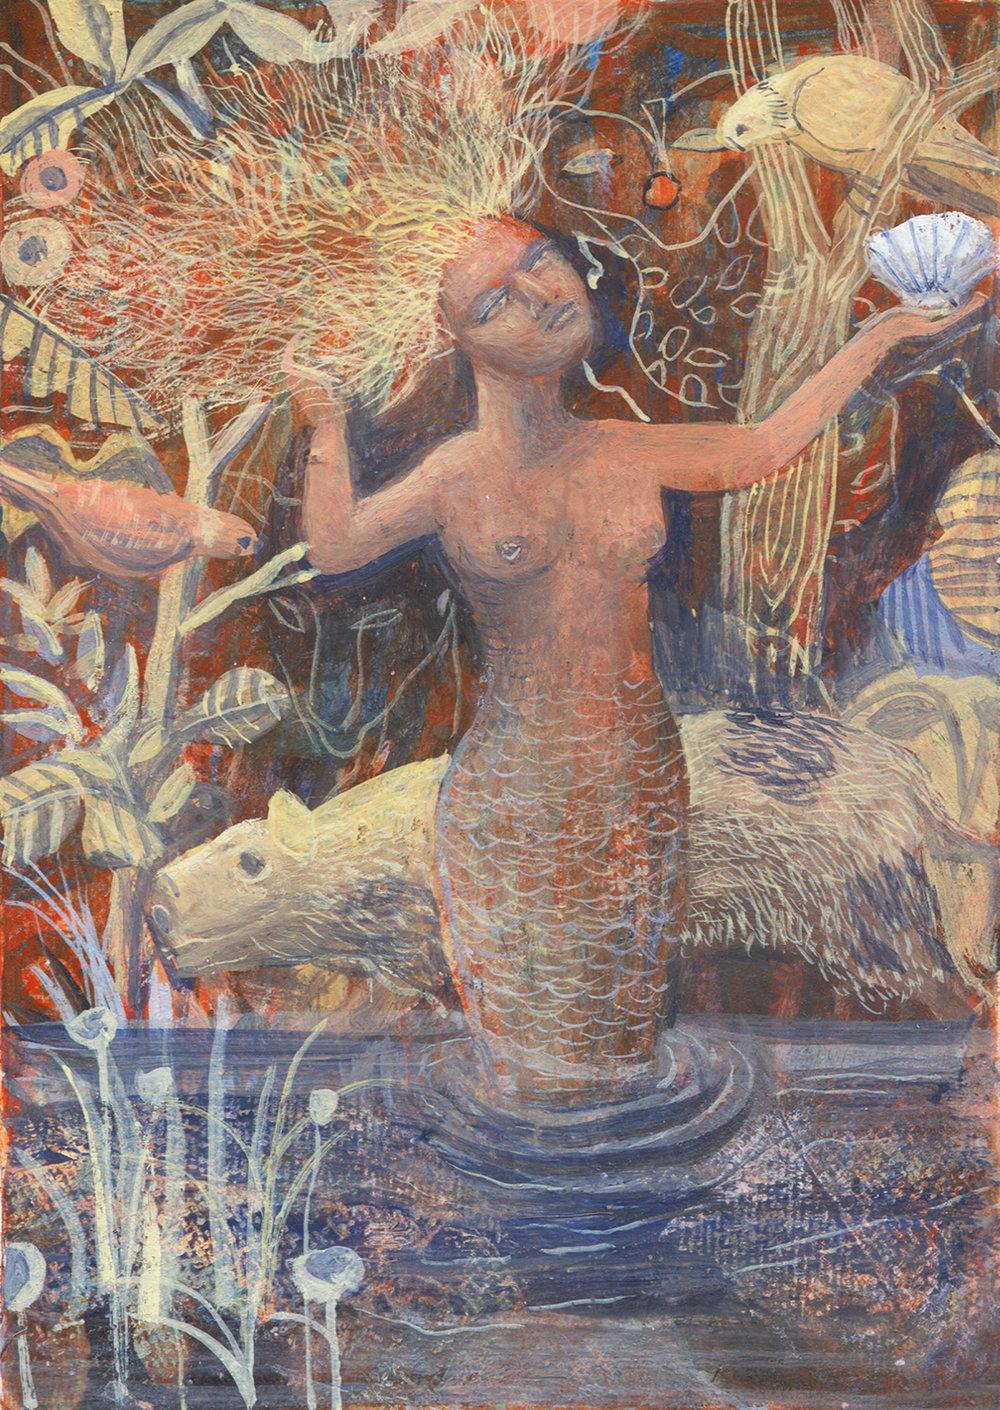 Mick Rooney RA - Lost Mermaid.jpg